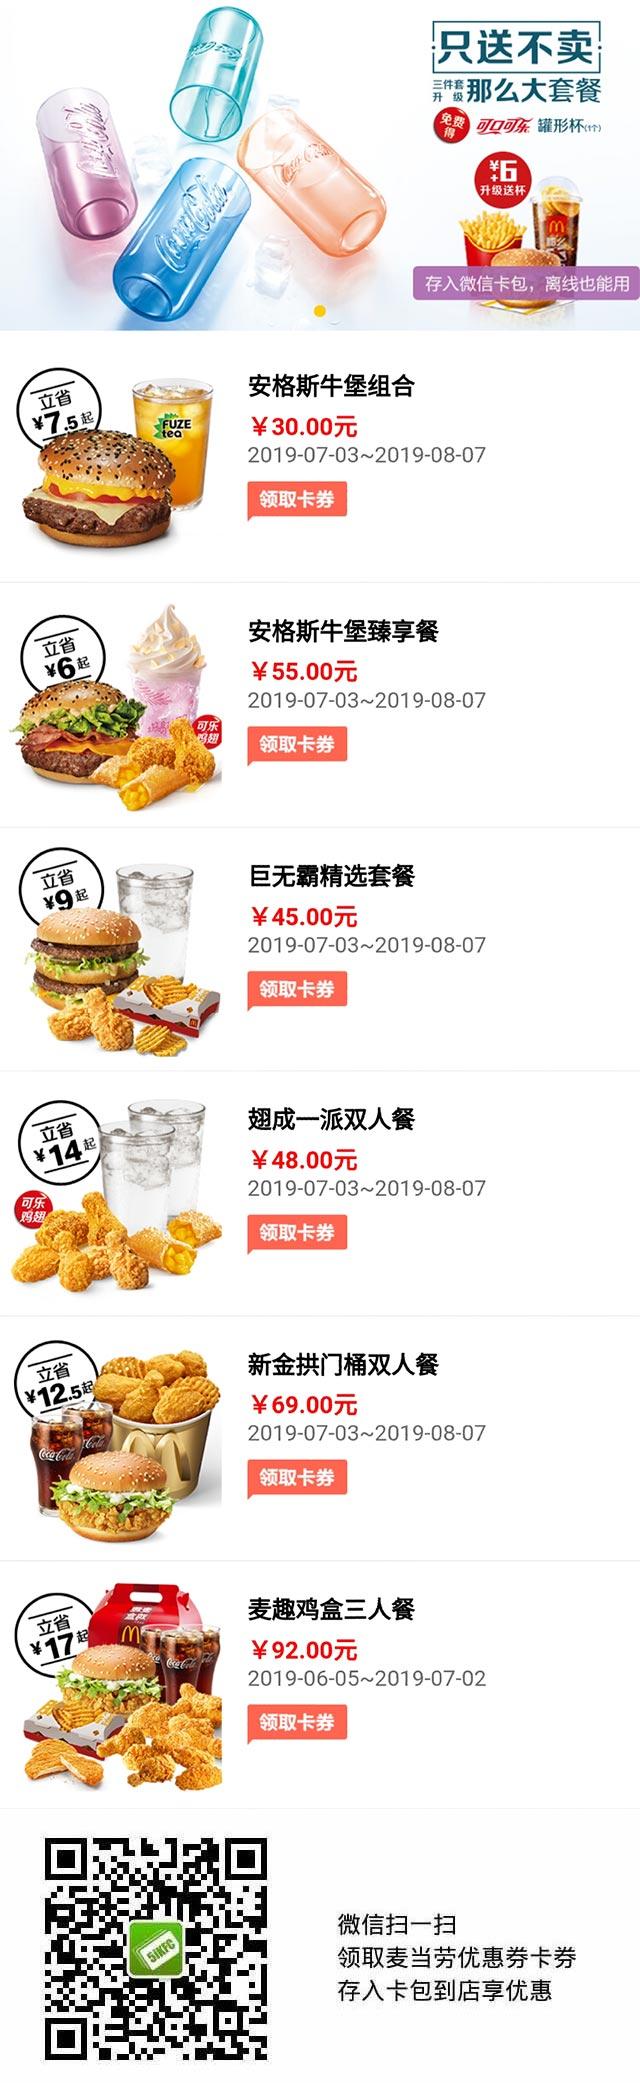 麥當勞2019年7月8月份優惠券領取,麥當勞卡券 有效期至:2019年8月7日 www.duxcj.com.cn